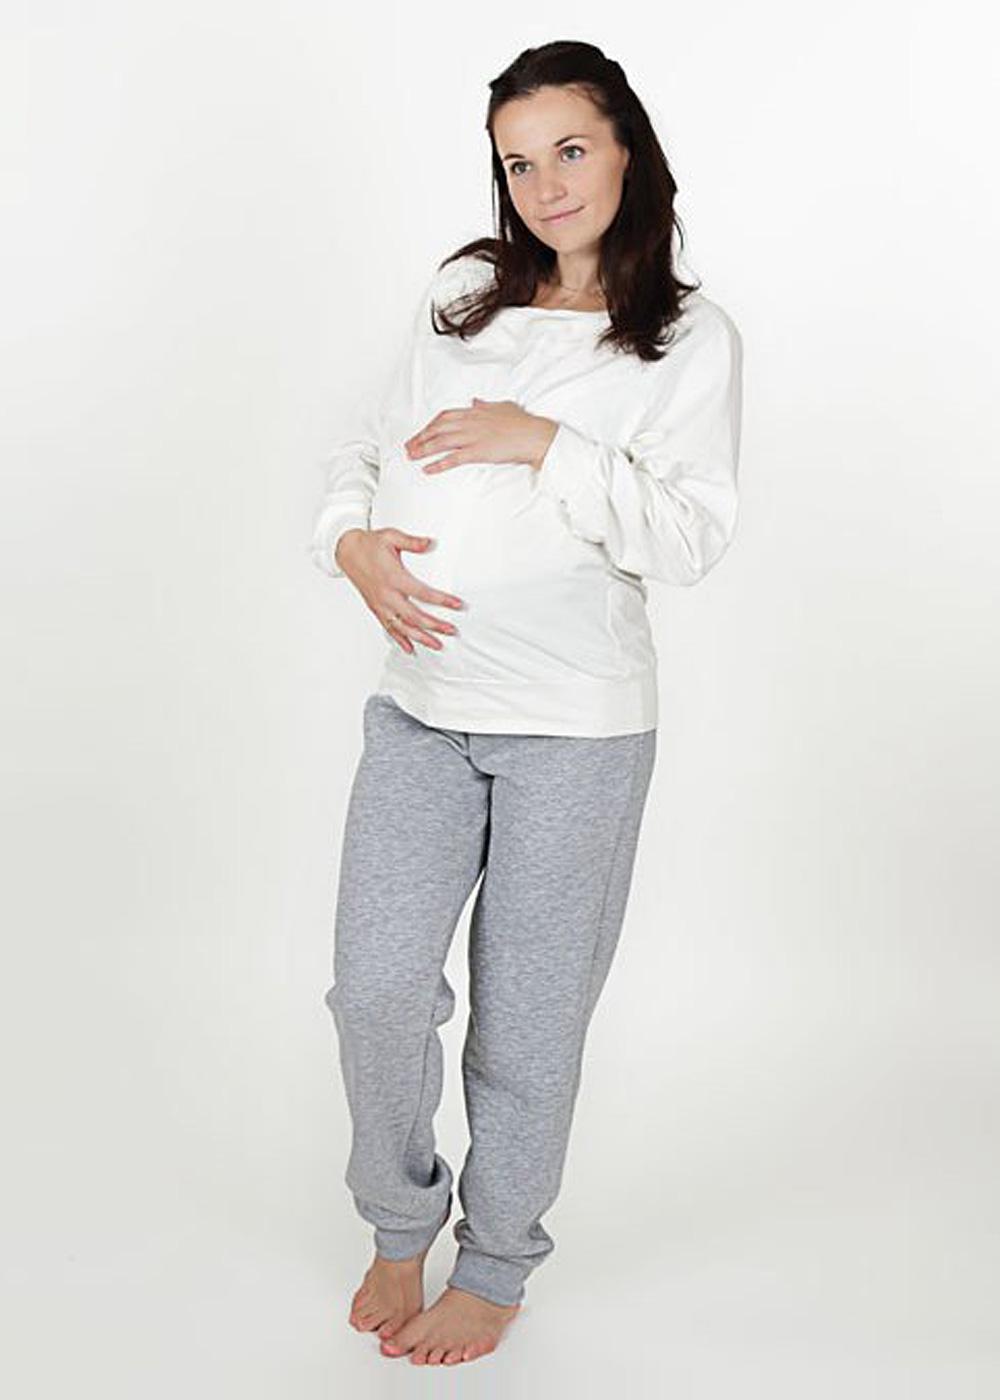 Беременная в спортивном костюме